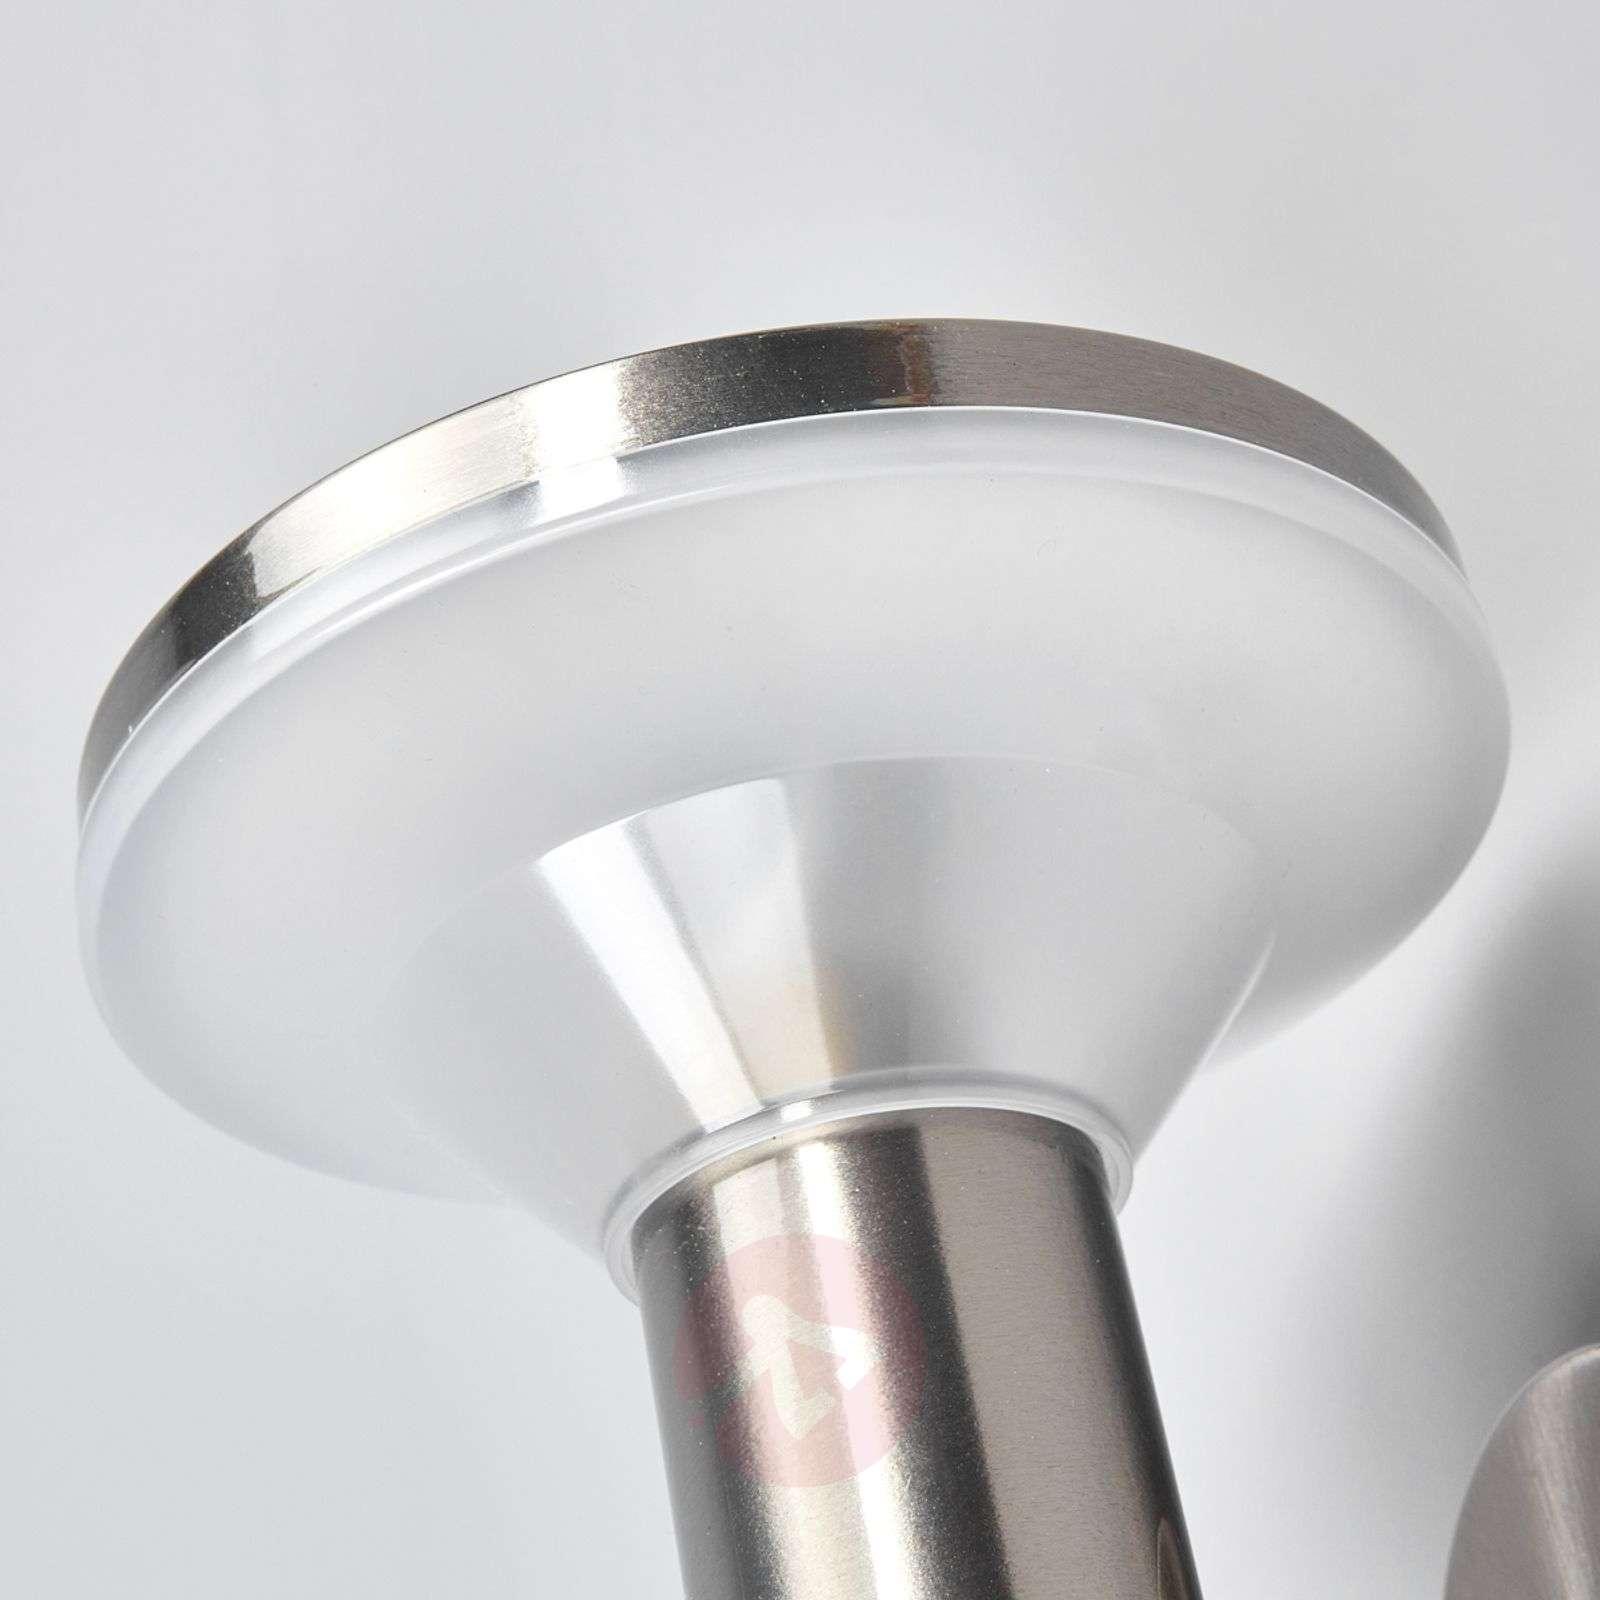 LED-ulkoseinävalaisin Jiyan ruostum. teräksestä-9988077-010